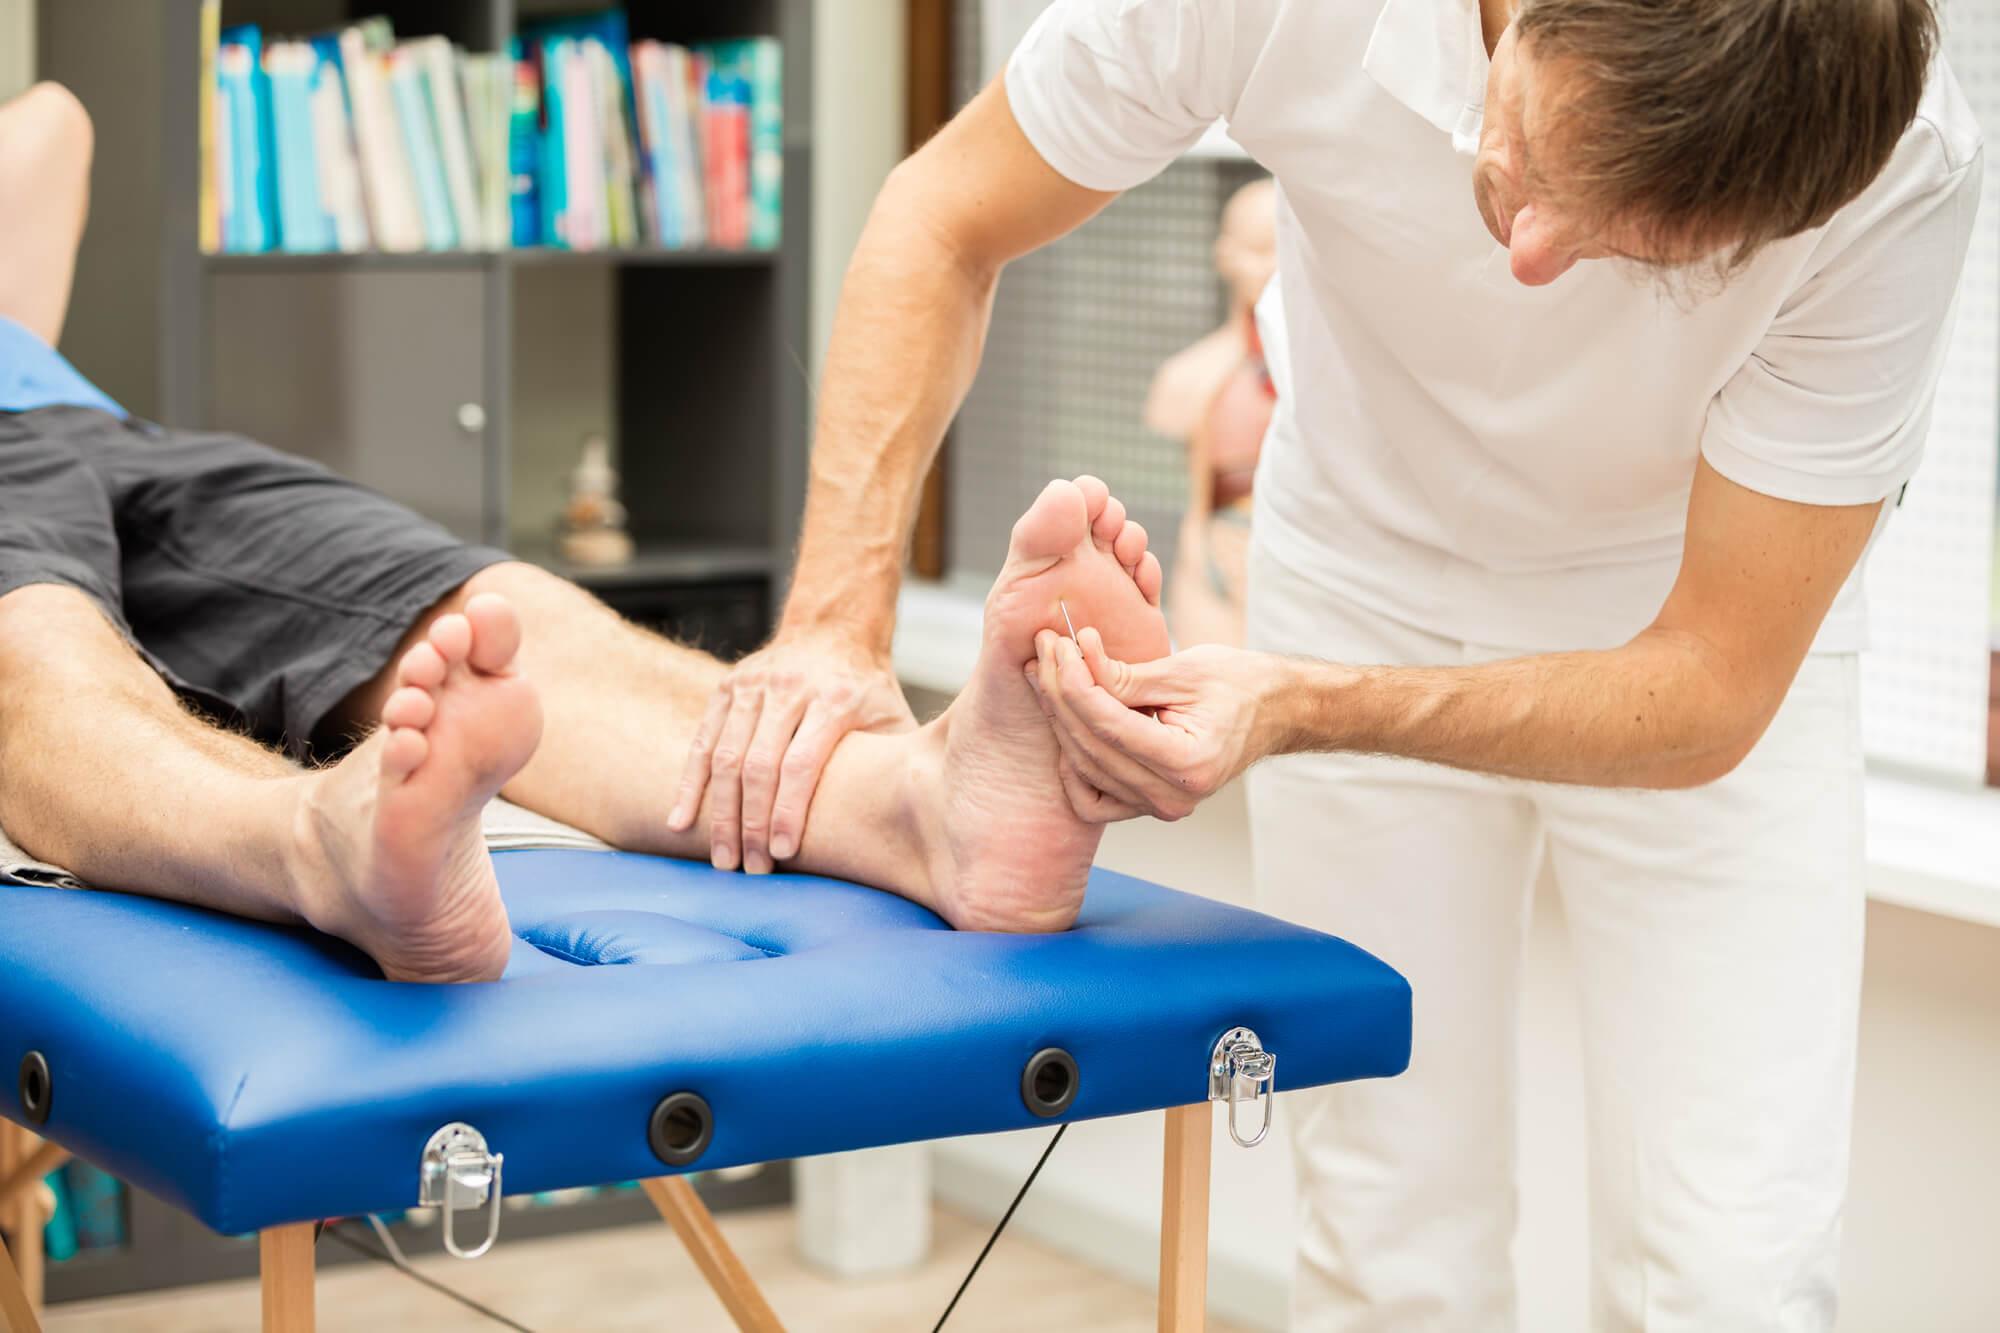 Fußuntersuchung an einem Diabetiker